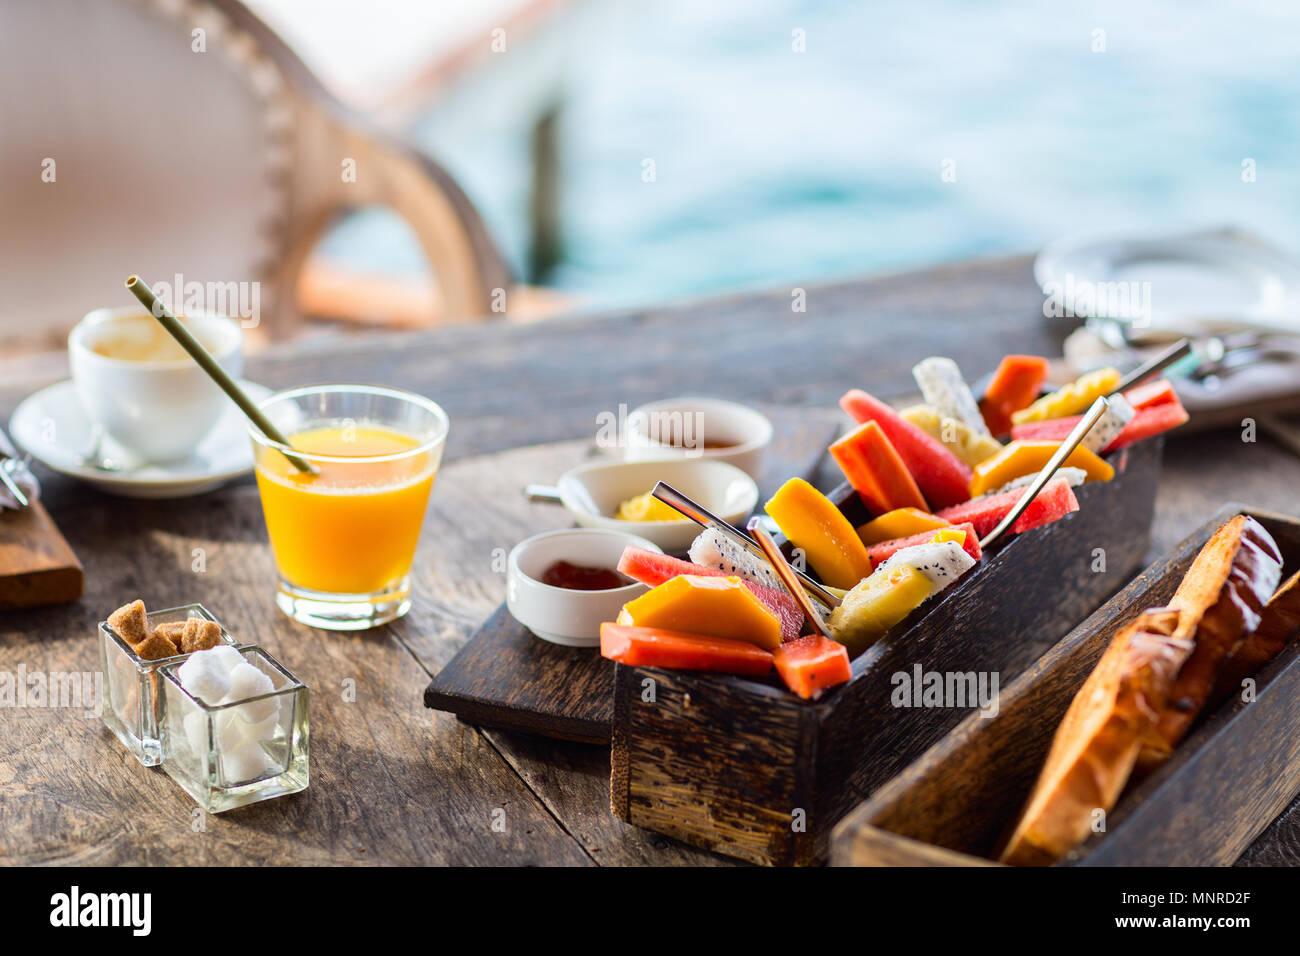 Cerca de deliciosos alimentos orgánicos para el desayuno servido en la mesa de madera rústica. Fruta, zumo, pan y mermelada. Imagen De Stock